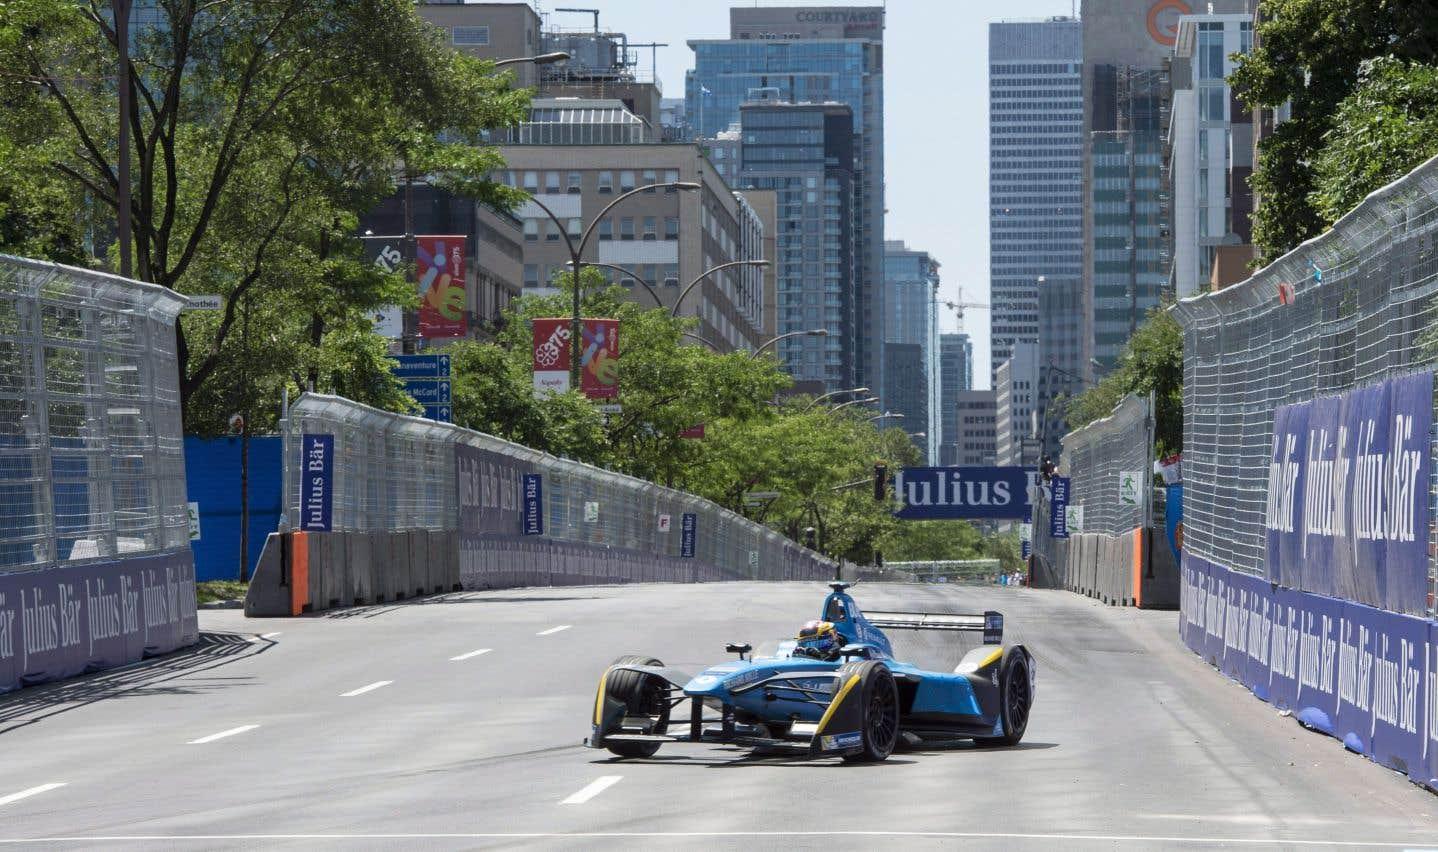 Ce n'est pas parce que Denis Coderre a lamentablement échoué dans sa gestion de la Formule électrique qu'il faut reléguer cet événement au circuit Gilles-Villeneuve, estime l'auteur.